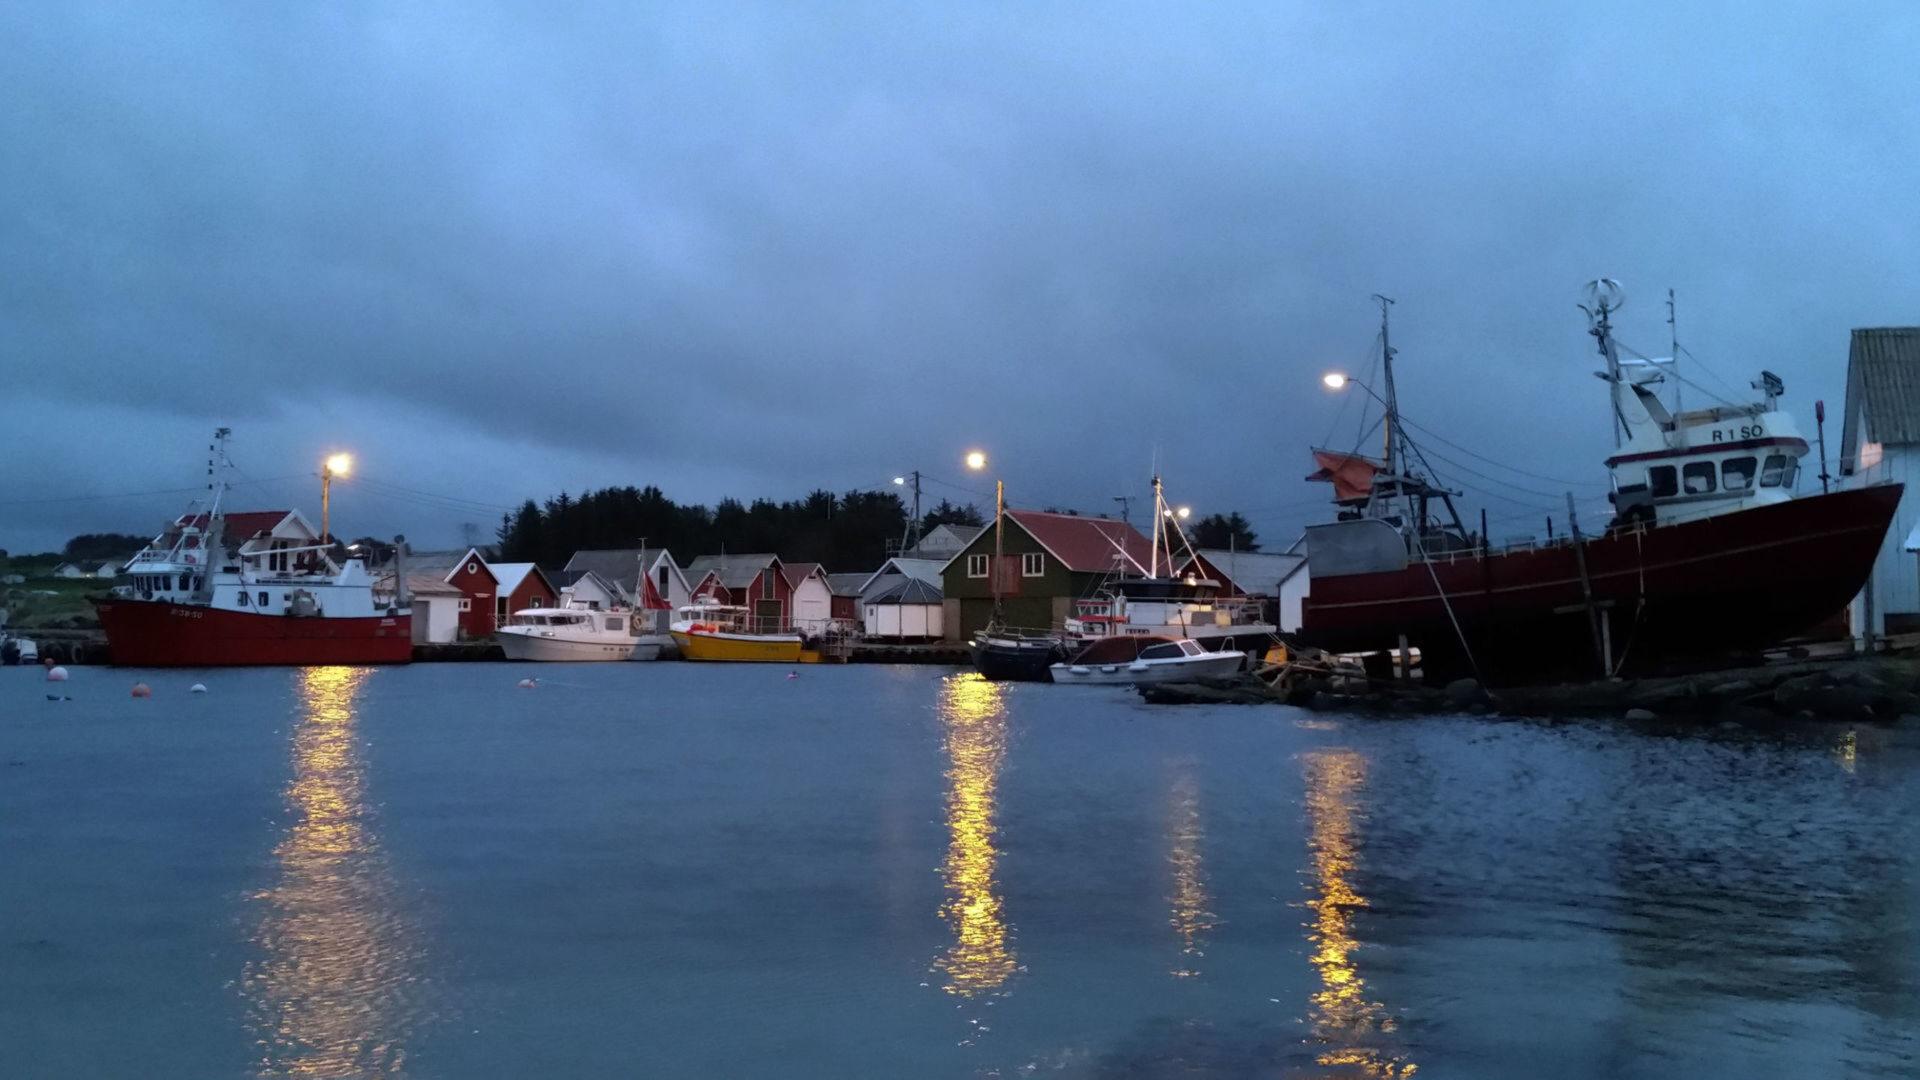 Евротур 2. Часть 5. Норвегия. Прекестулен.